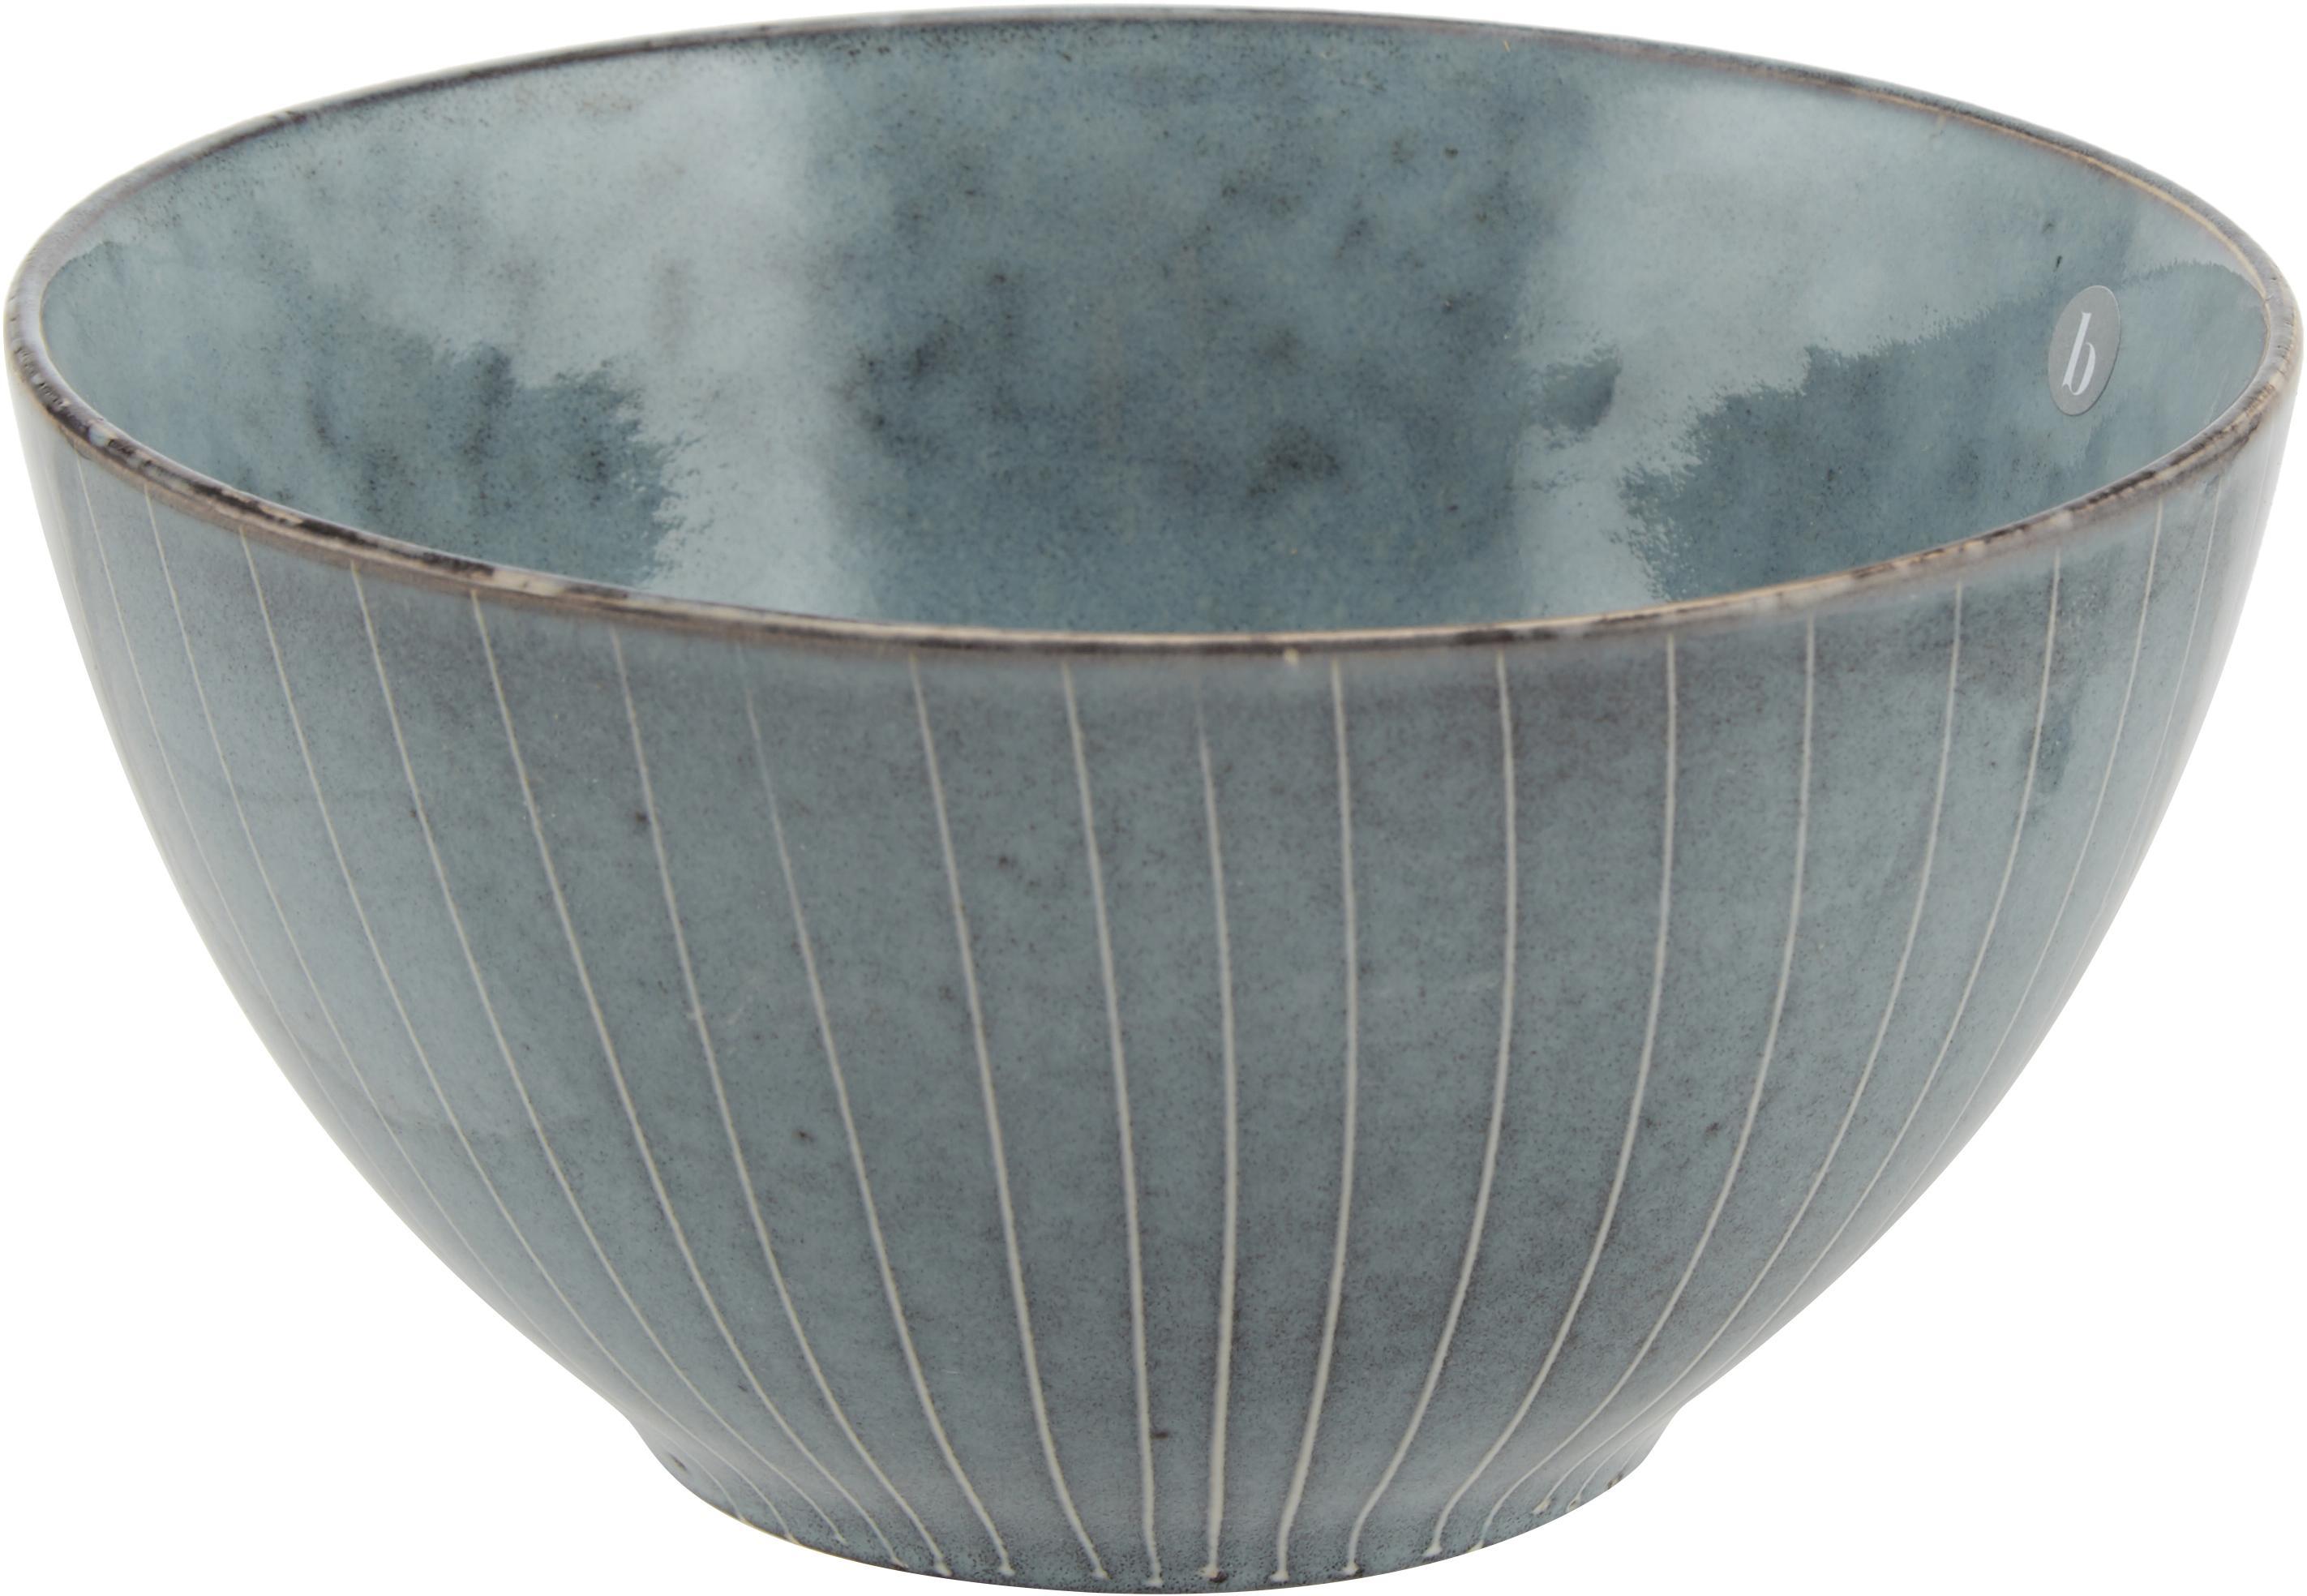 Ciotola in terracotta fatta a mano Nordic Sea 4 pz, Terracotta, Grigio e tonalità blu, Ø 17 x Alt. 9 cm